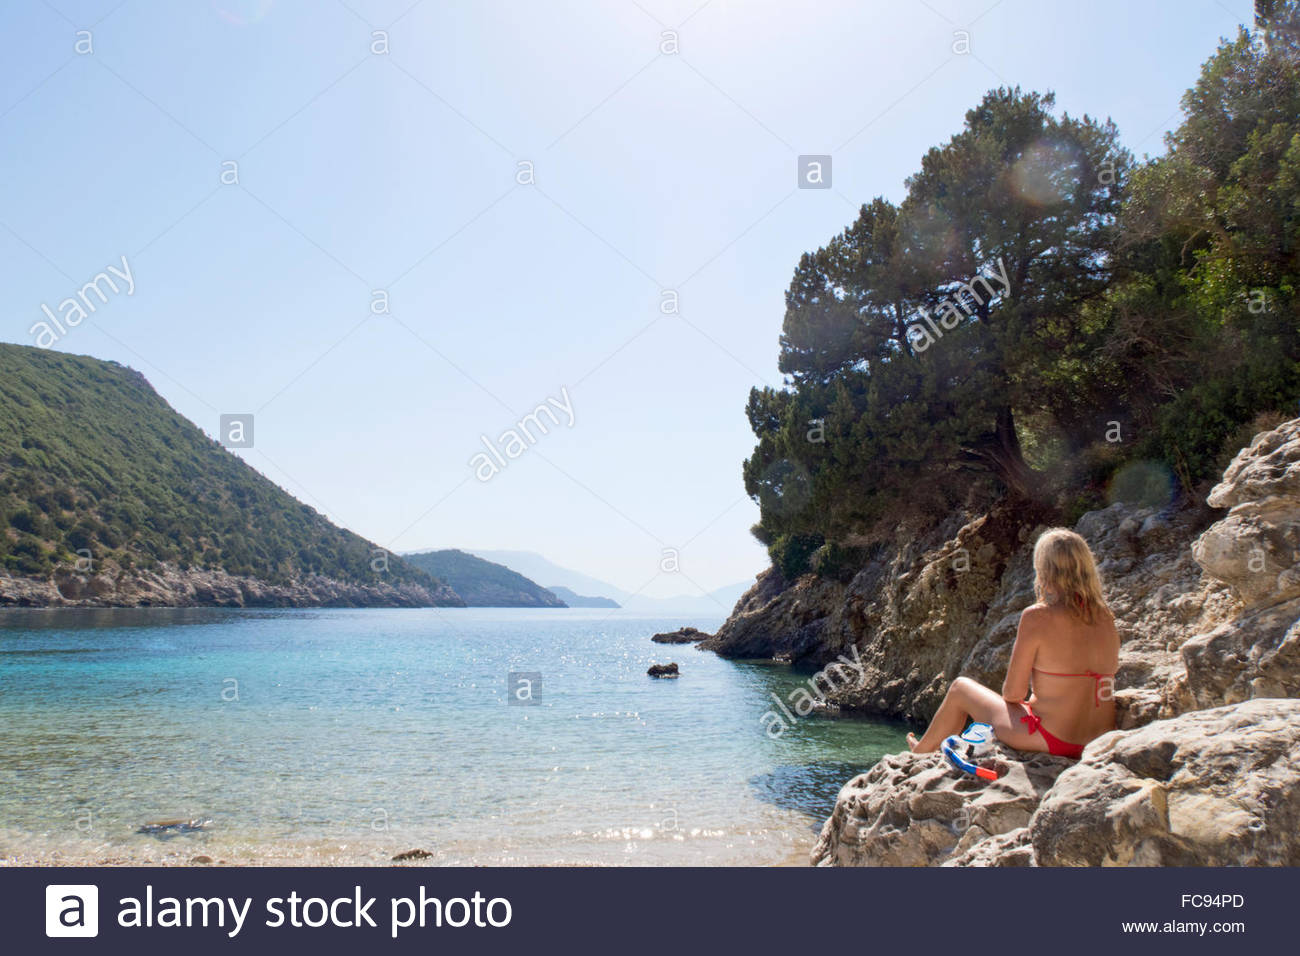 Woman in bikini sitting on rocks on sunny beach - Stock Image